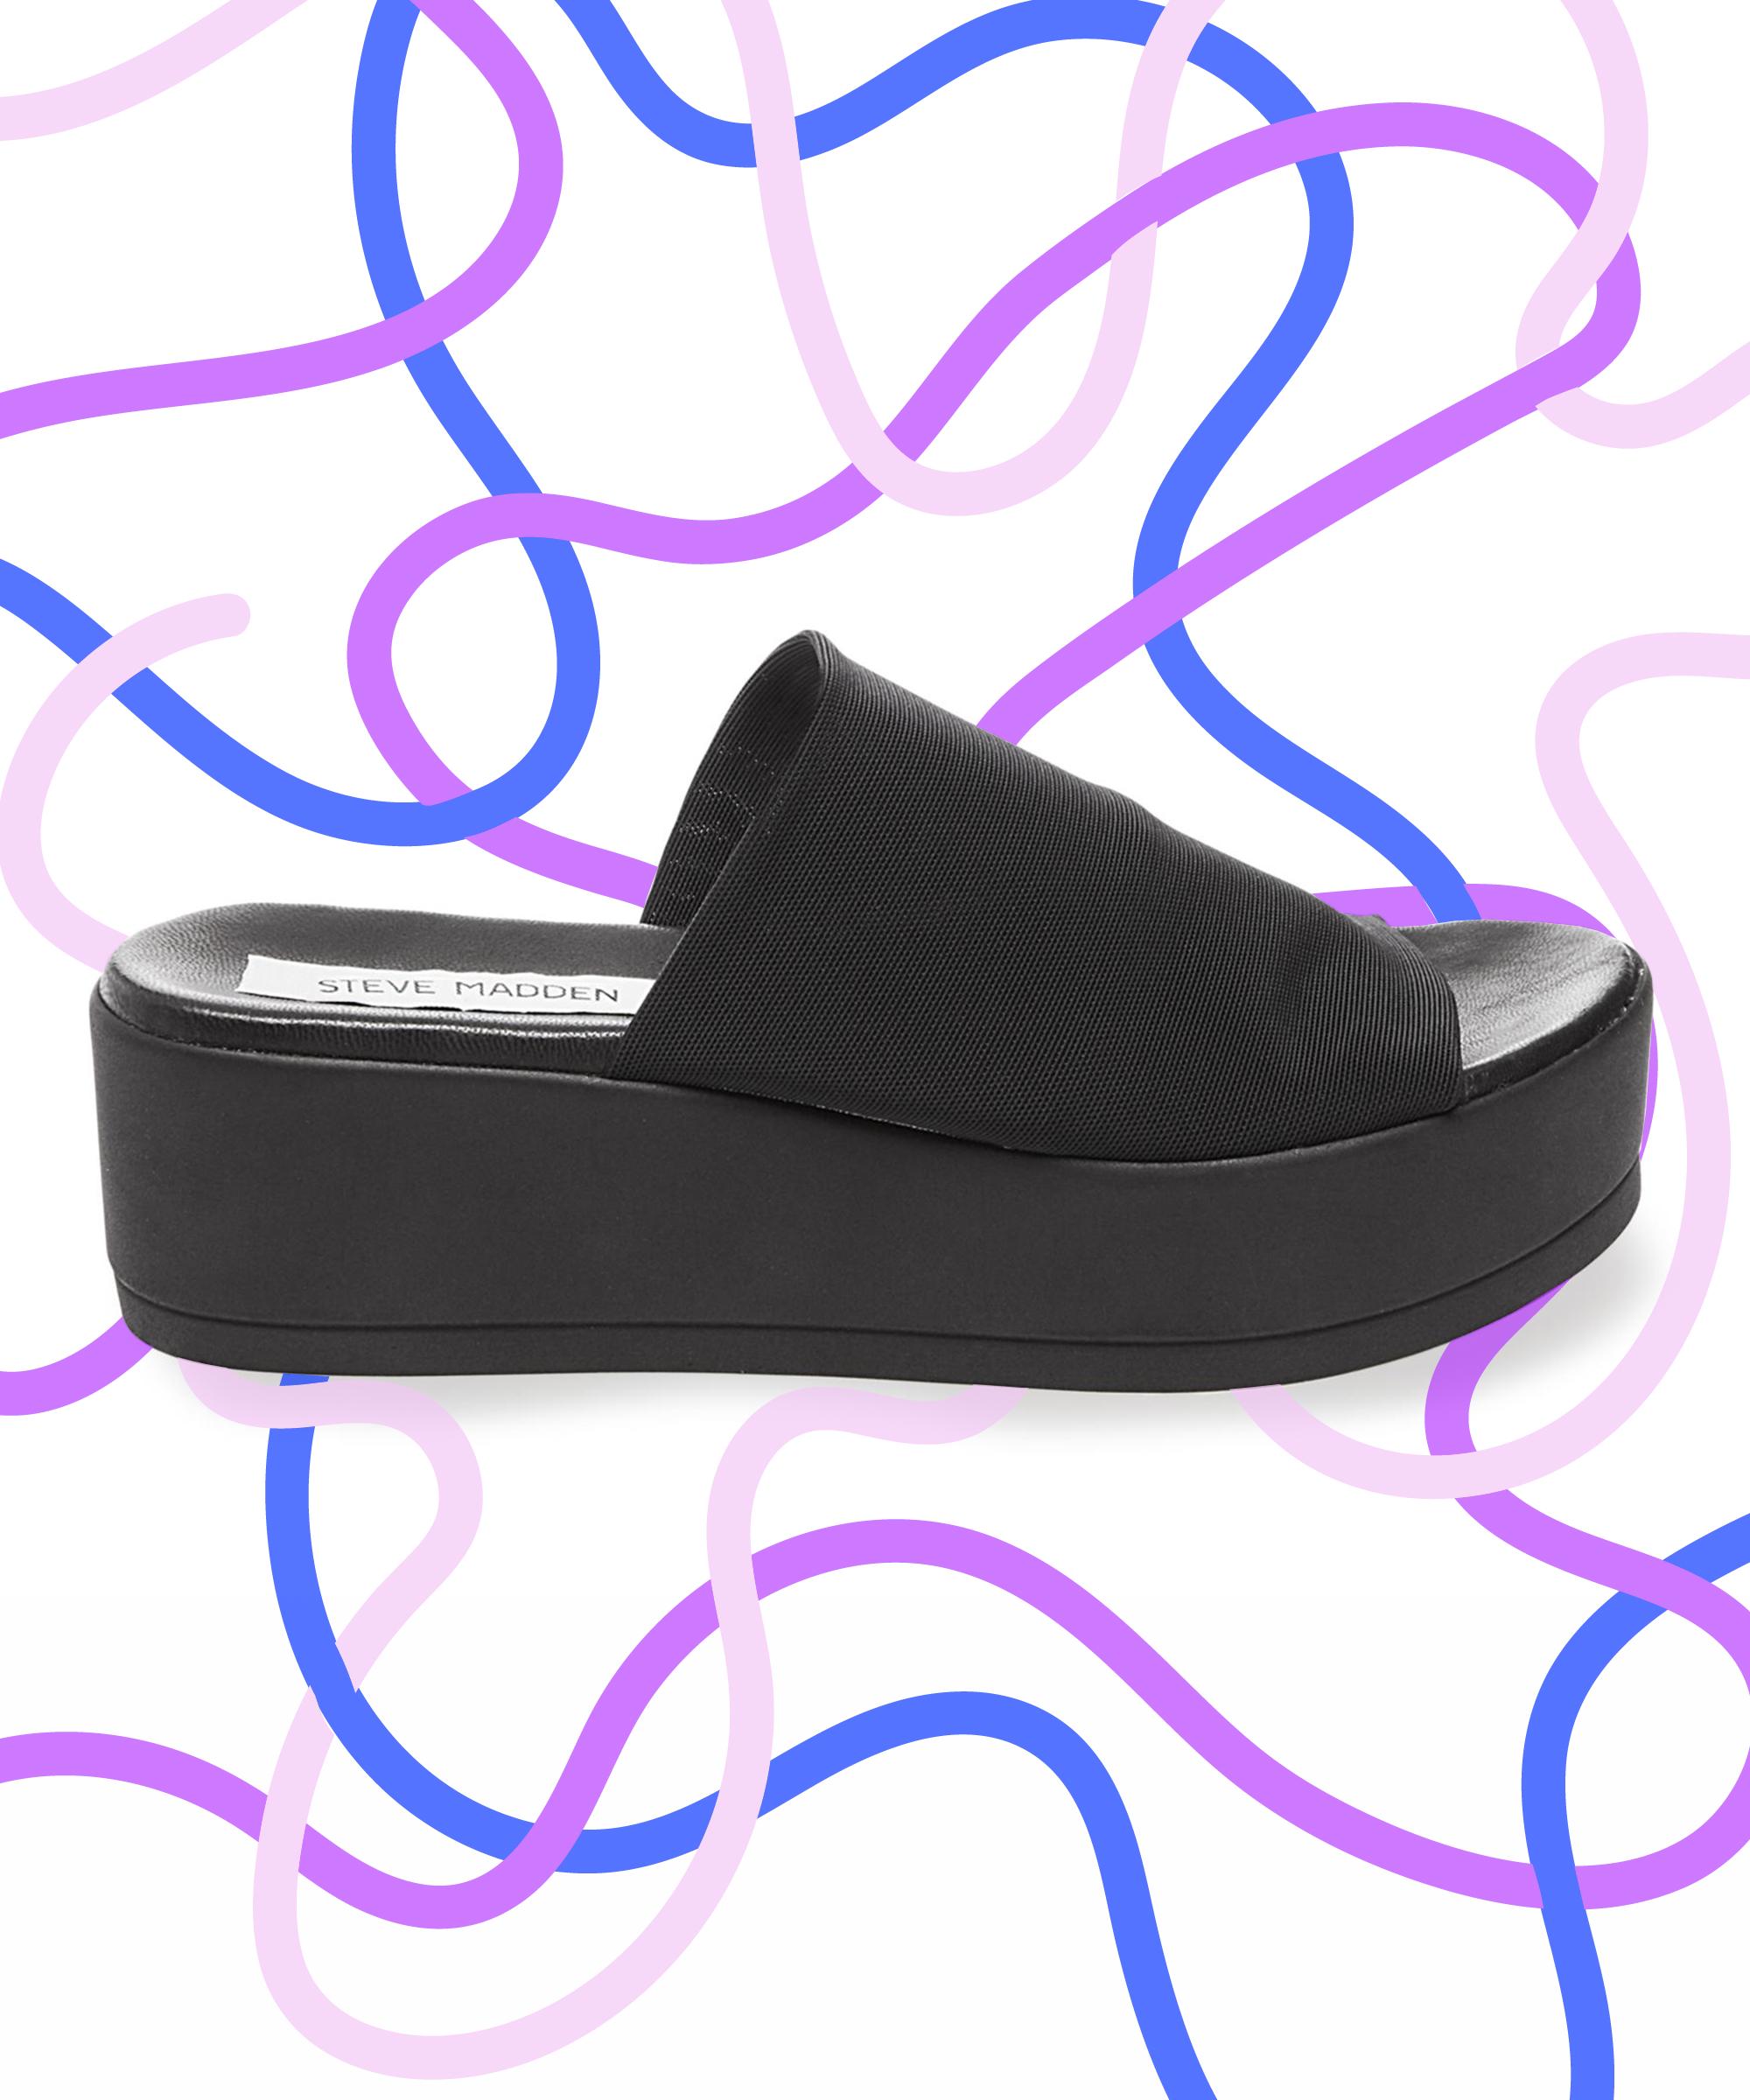 dafbbbb30e11 Steve Madden 90s Platform Sandal Relaunch Chunky Heel